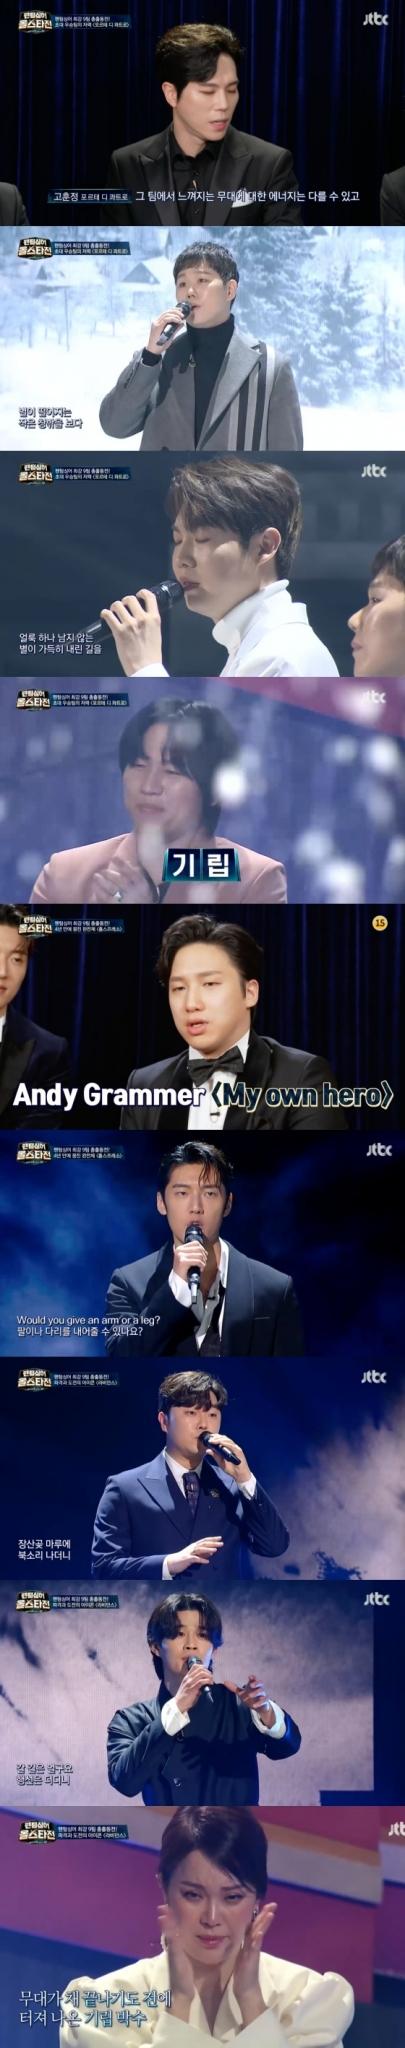 /사진=JTBC 음악 예능프로그램 '팬텀싱어 올스타전' 방송화면 캡처